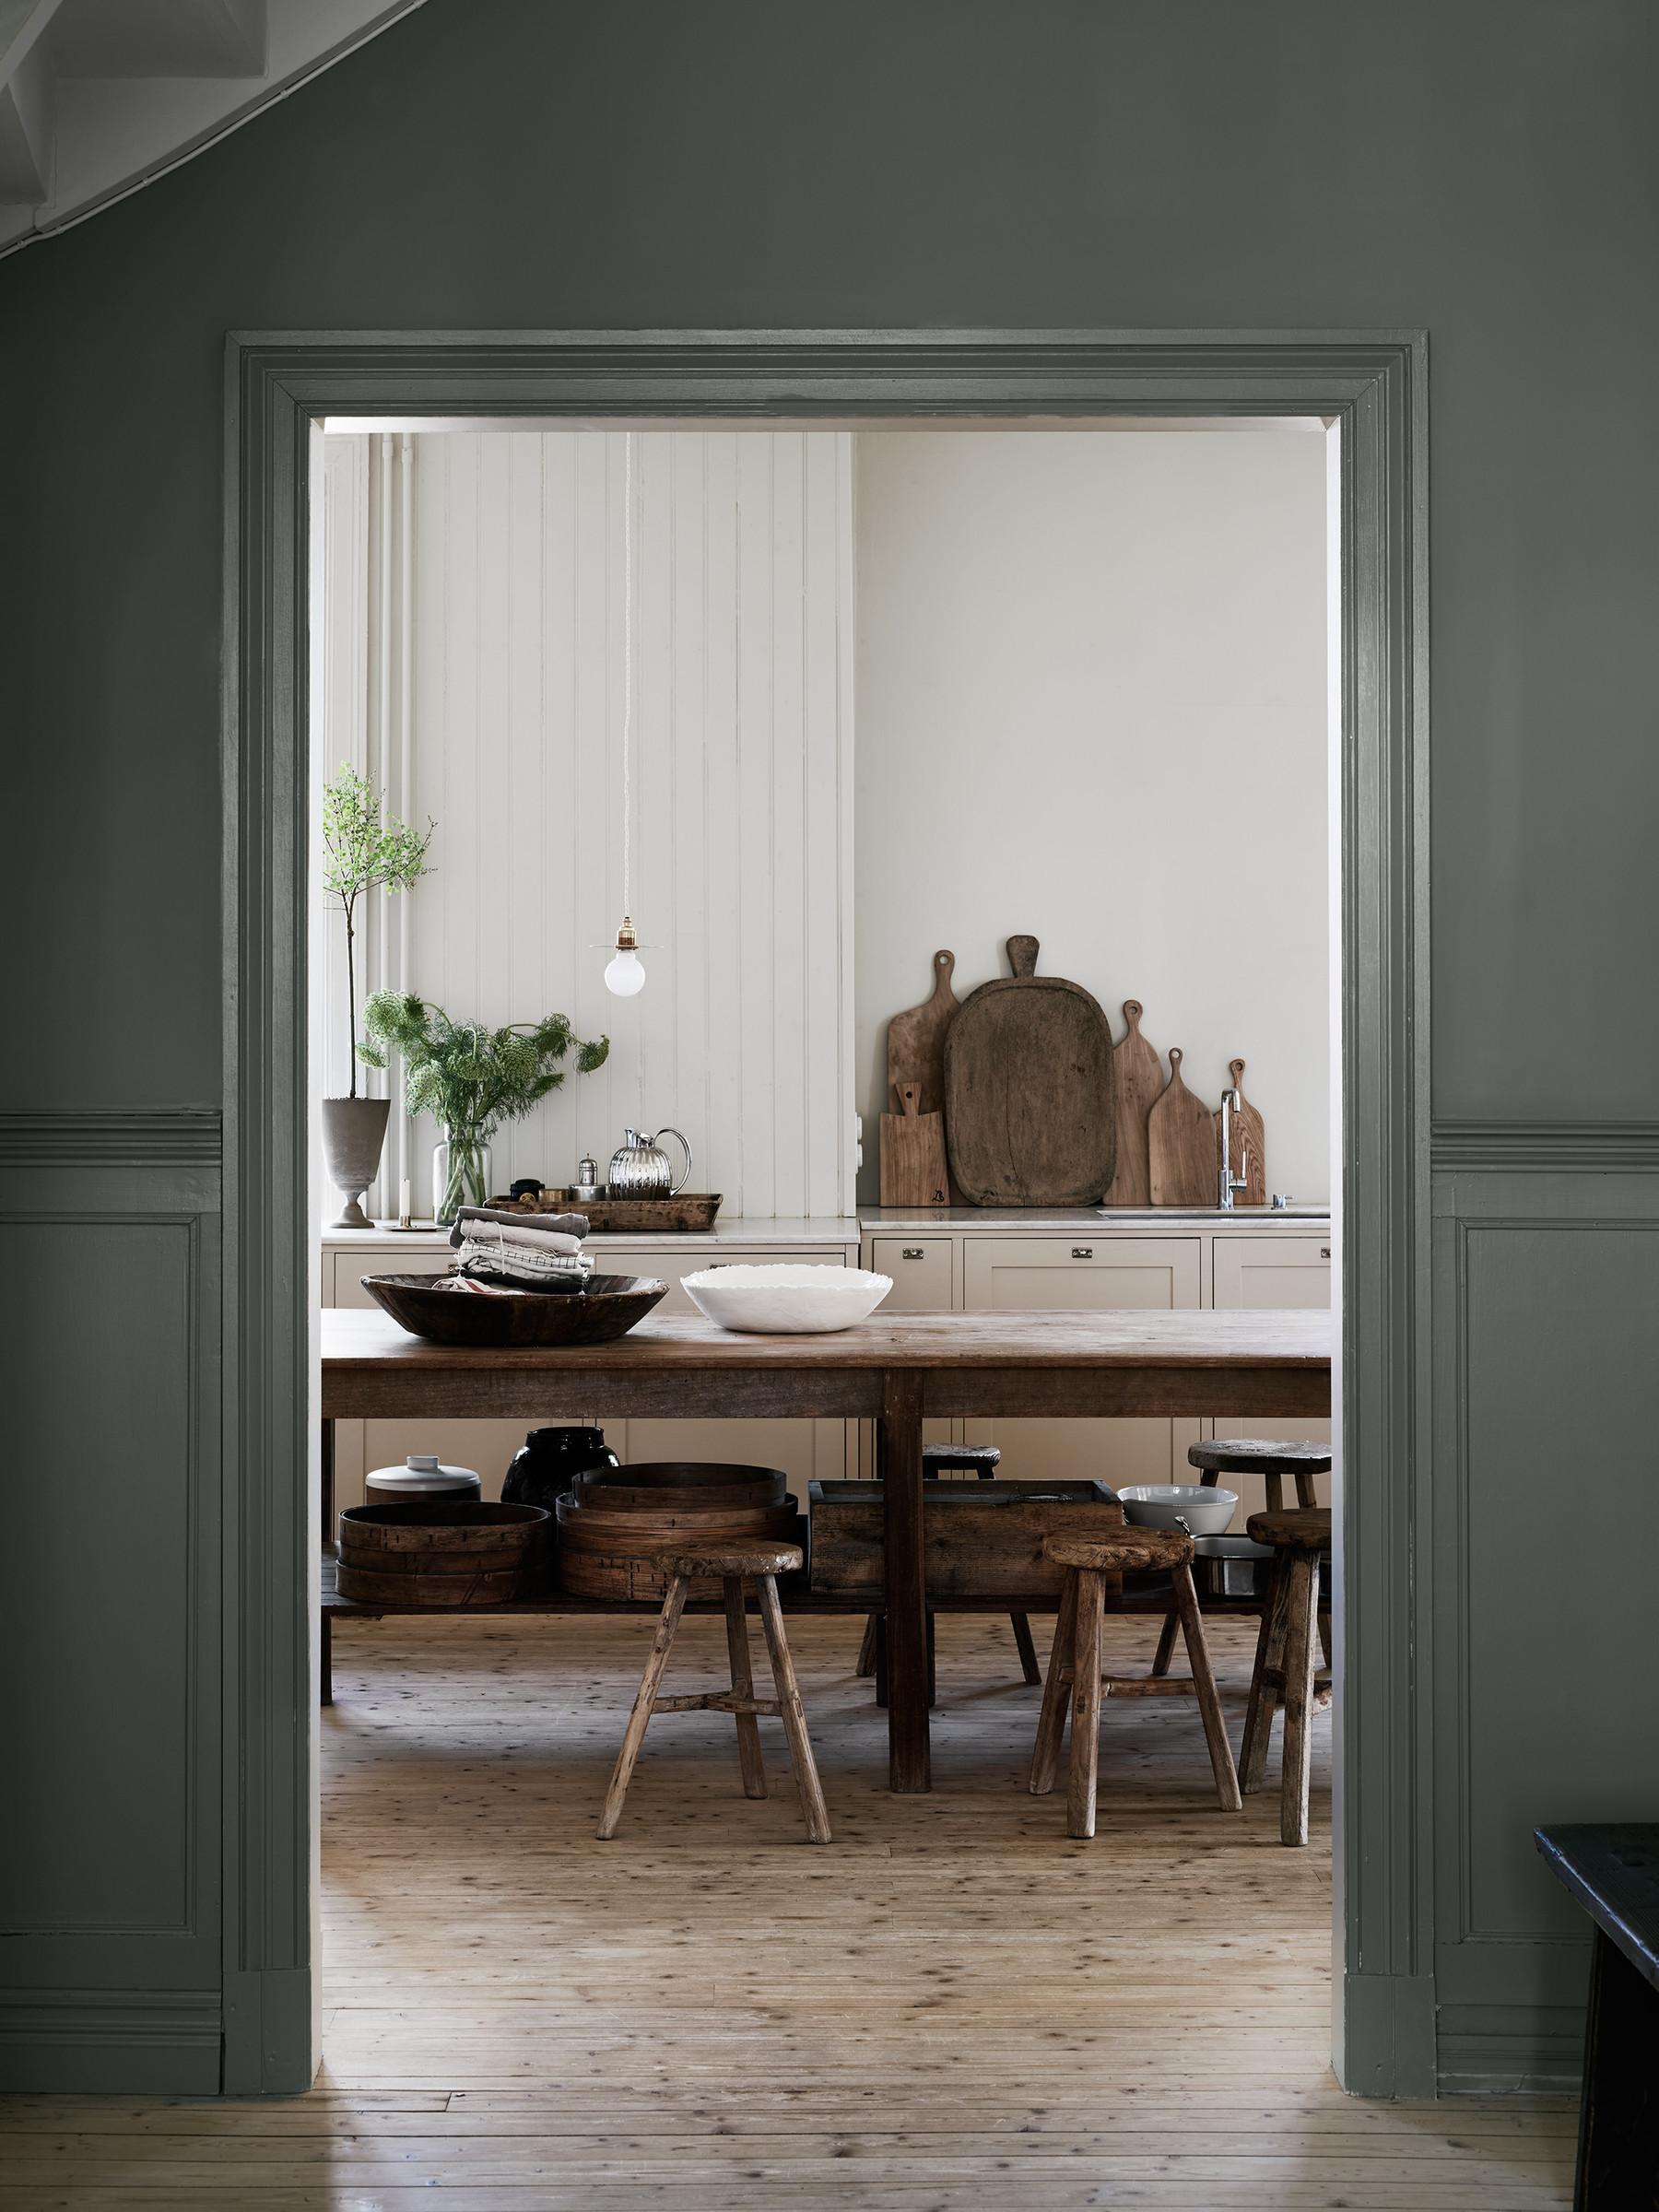 Kuchnia z dużym drewnianym stołem